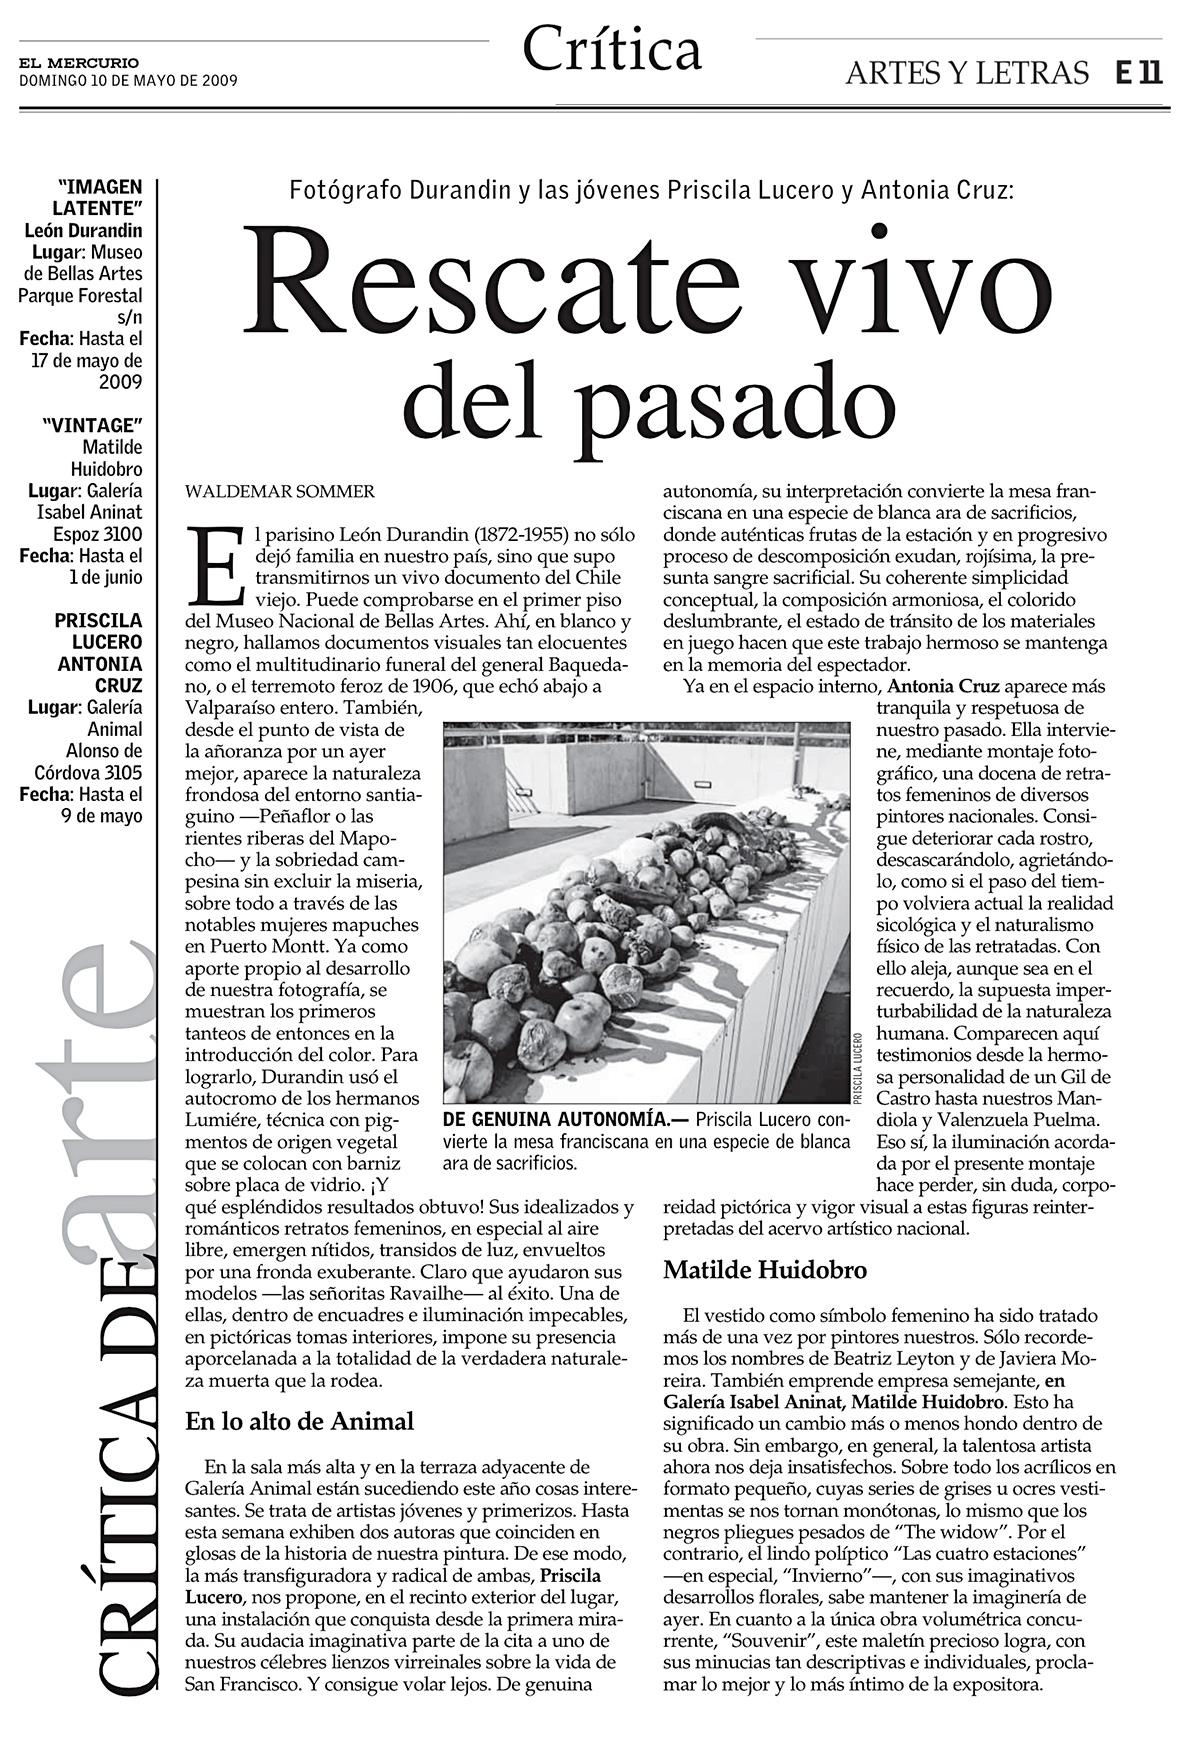 Exposición Catalepsia, El Mercurio, Artes y Letras